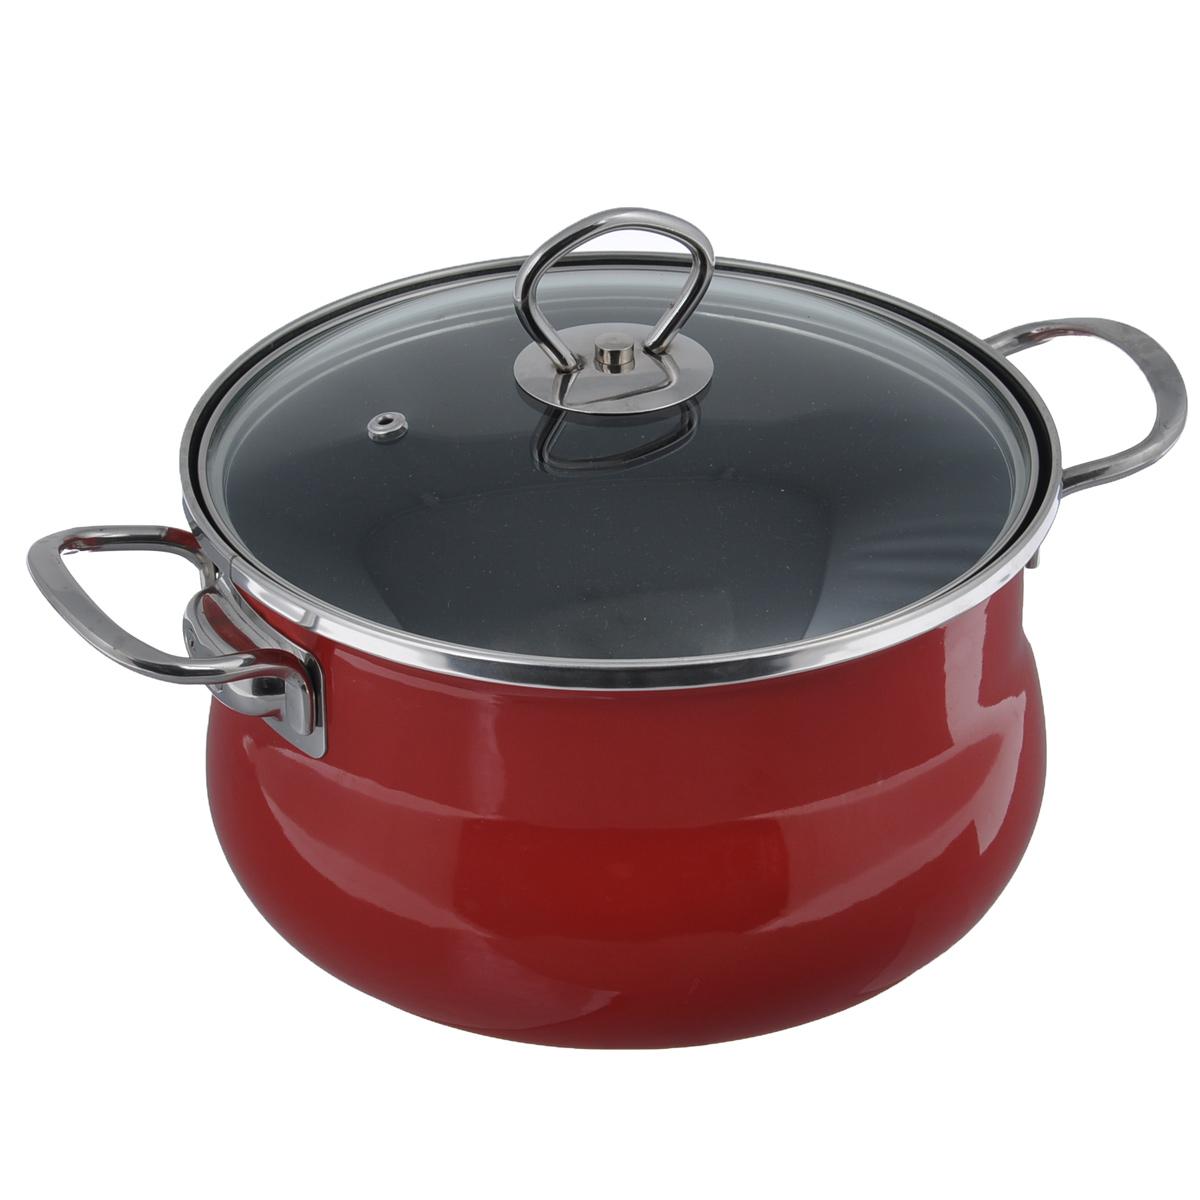 Кастрюля эмалированная Winner с крышкой, с антипригарным покрытием, цвет: красный, 4 л. WR-1612WR-1612Кастрюля Winner выполнена из высококачественной углеродистой стали с антипригарным нанопокрытием Teflon. Посуда с нанопокрытием обладает высокой прочностью, жаро-, износо-, коррозийной стойкостью, химической инертностью. При нагревании до высоких температур не выделяет и не впитывает в себя вредных для человека химических соединений. Нанопокрытие гарантирует быстрый и равномерный нагрев посуды и существенную экономию электроэнергии. Данная технология позволяет исключить деформацию корпуса при частом и длительном использовании посуды. Корпус кастрюли покрыт цветной эмалью. Кастрюля оснащена двумя удобными ручками из нержавеющей стали. Крышка, выполненная из термостойкого стекла, позволит вам следить за процессом приготовления пищи. Крышка оснащена отверстием для выпуска пара и металлическим ободом для предотвращения сколов. Изделие подходит для использования на всех типах плит, включая индукционные. Не рекомендуется мыть в посудомоечной машине. ...